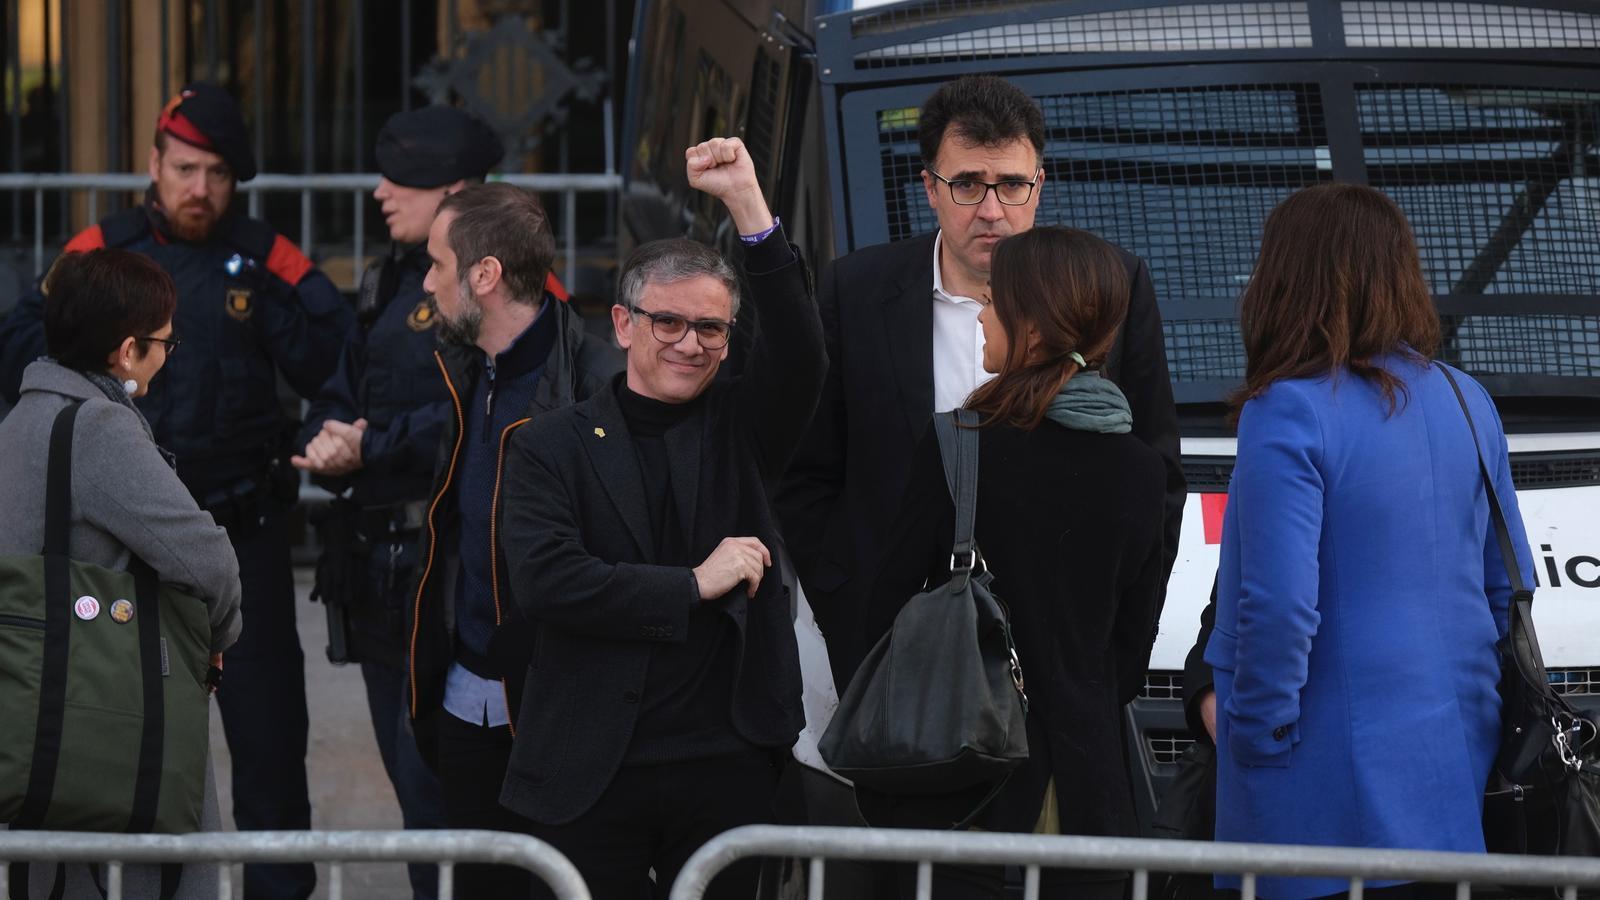 Jové i Salvadó s'acullen al dret a no declarar i denuncien una causa contra l'independentisme